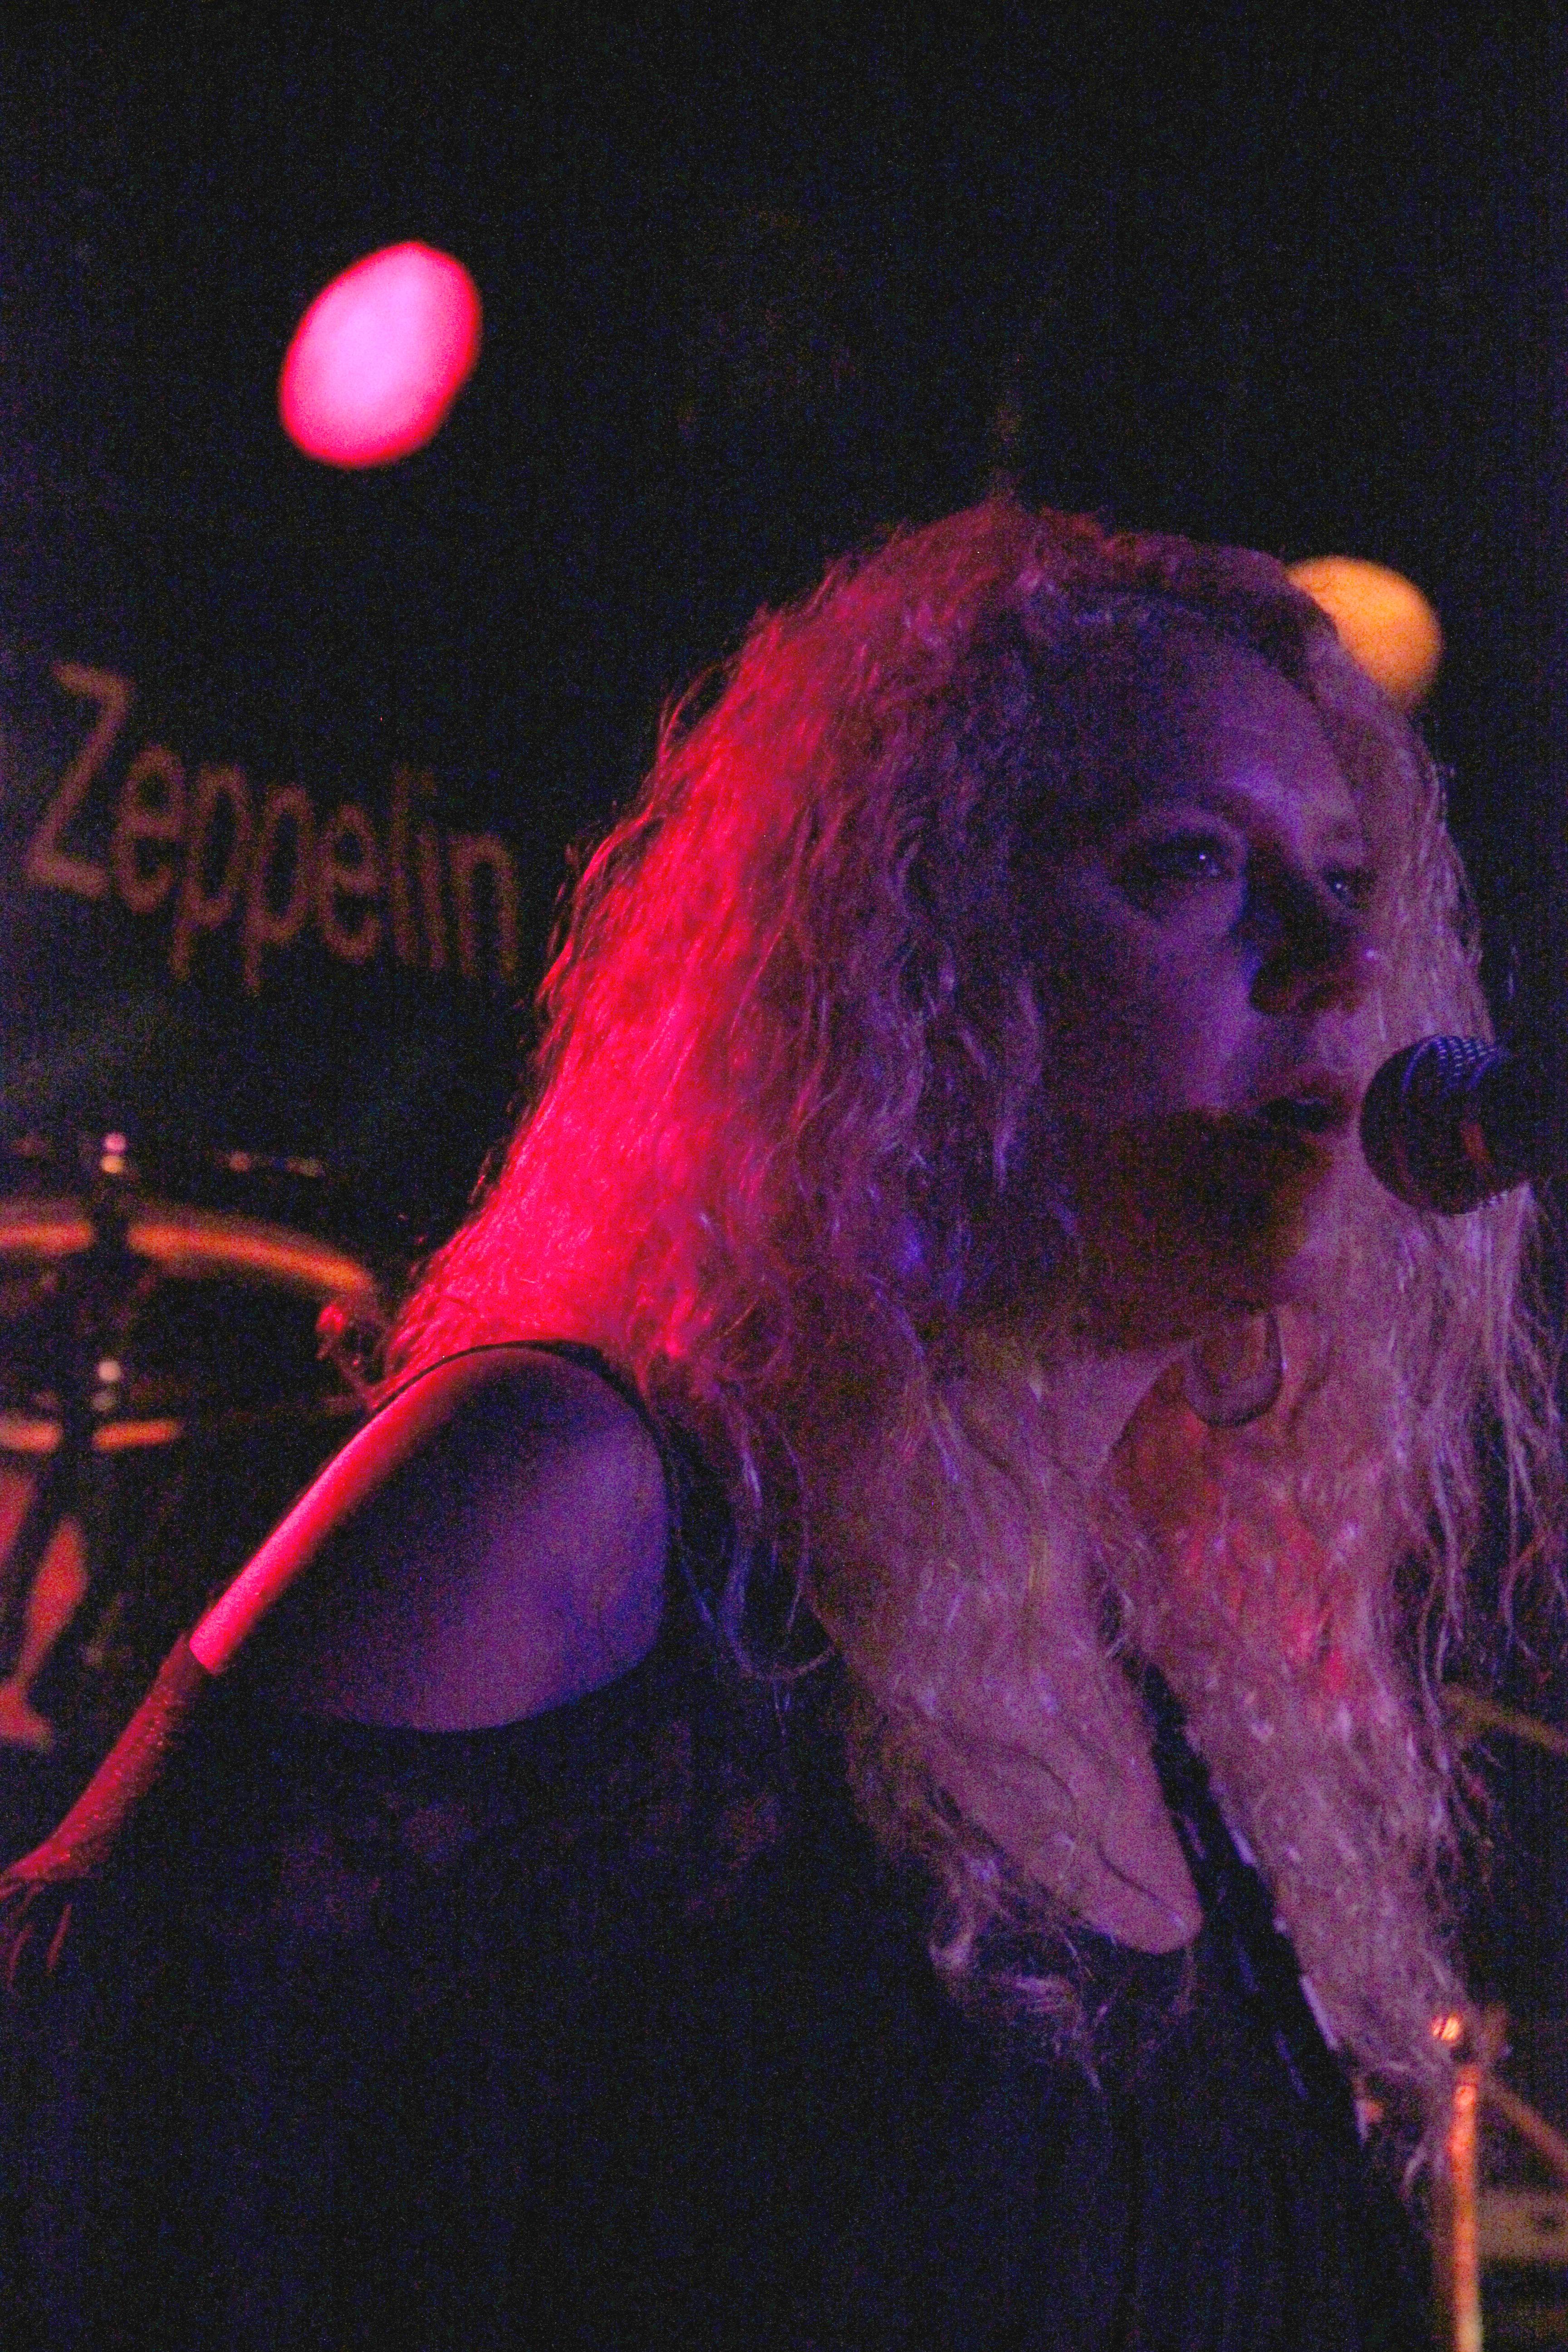 Heidi Swartz